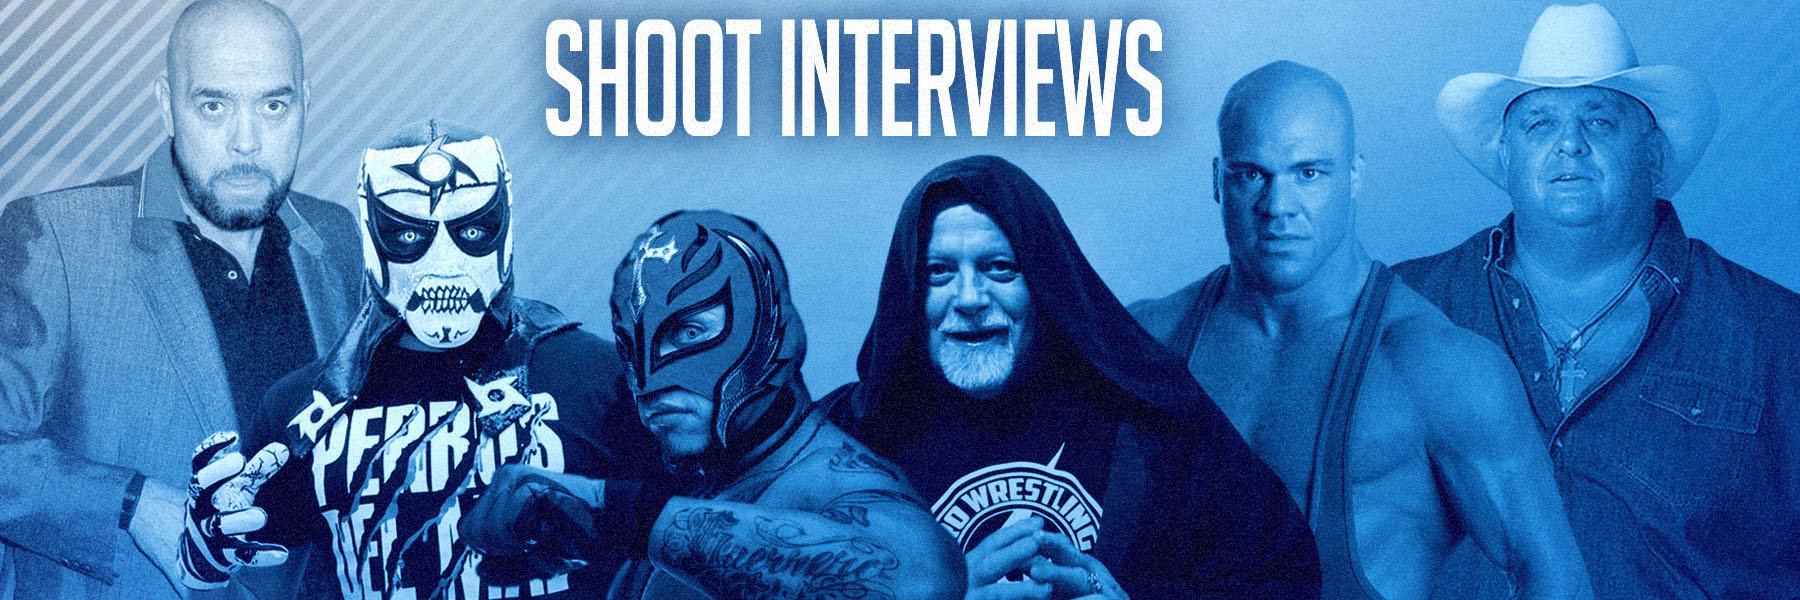 SHOOT INTERVIEWS